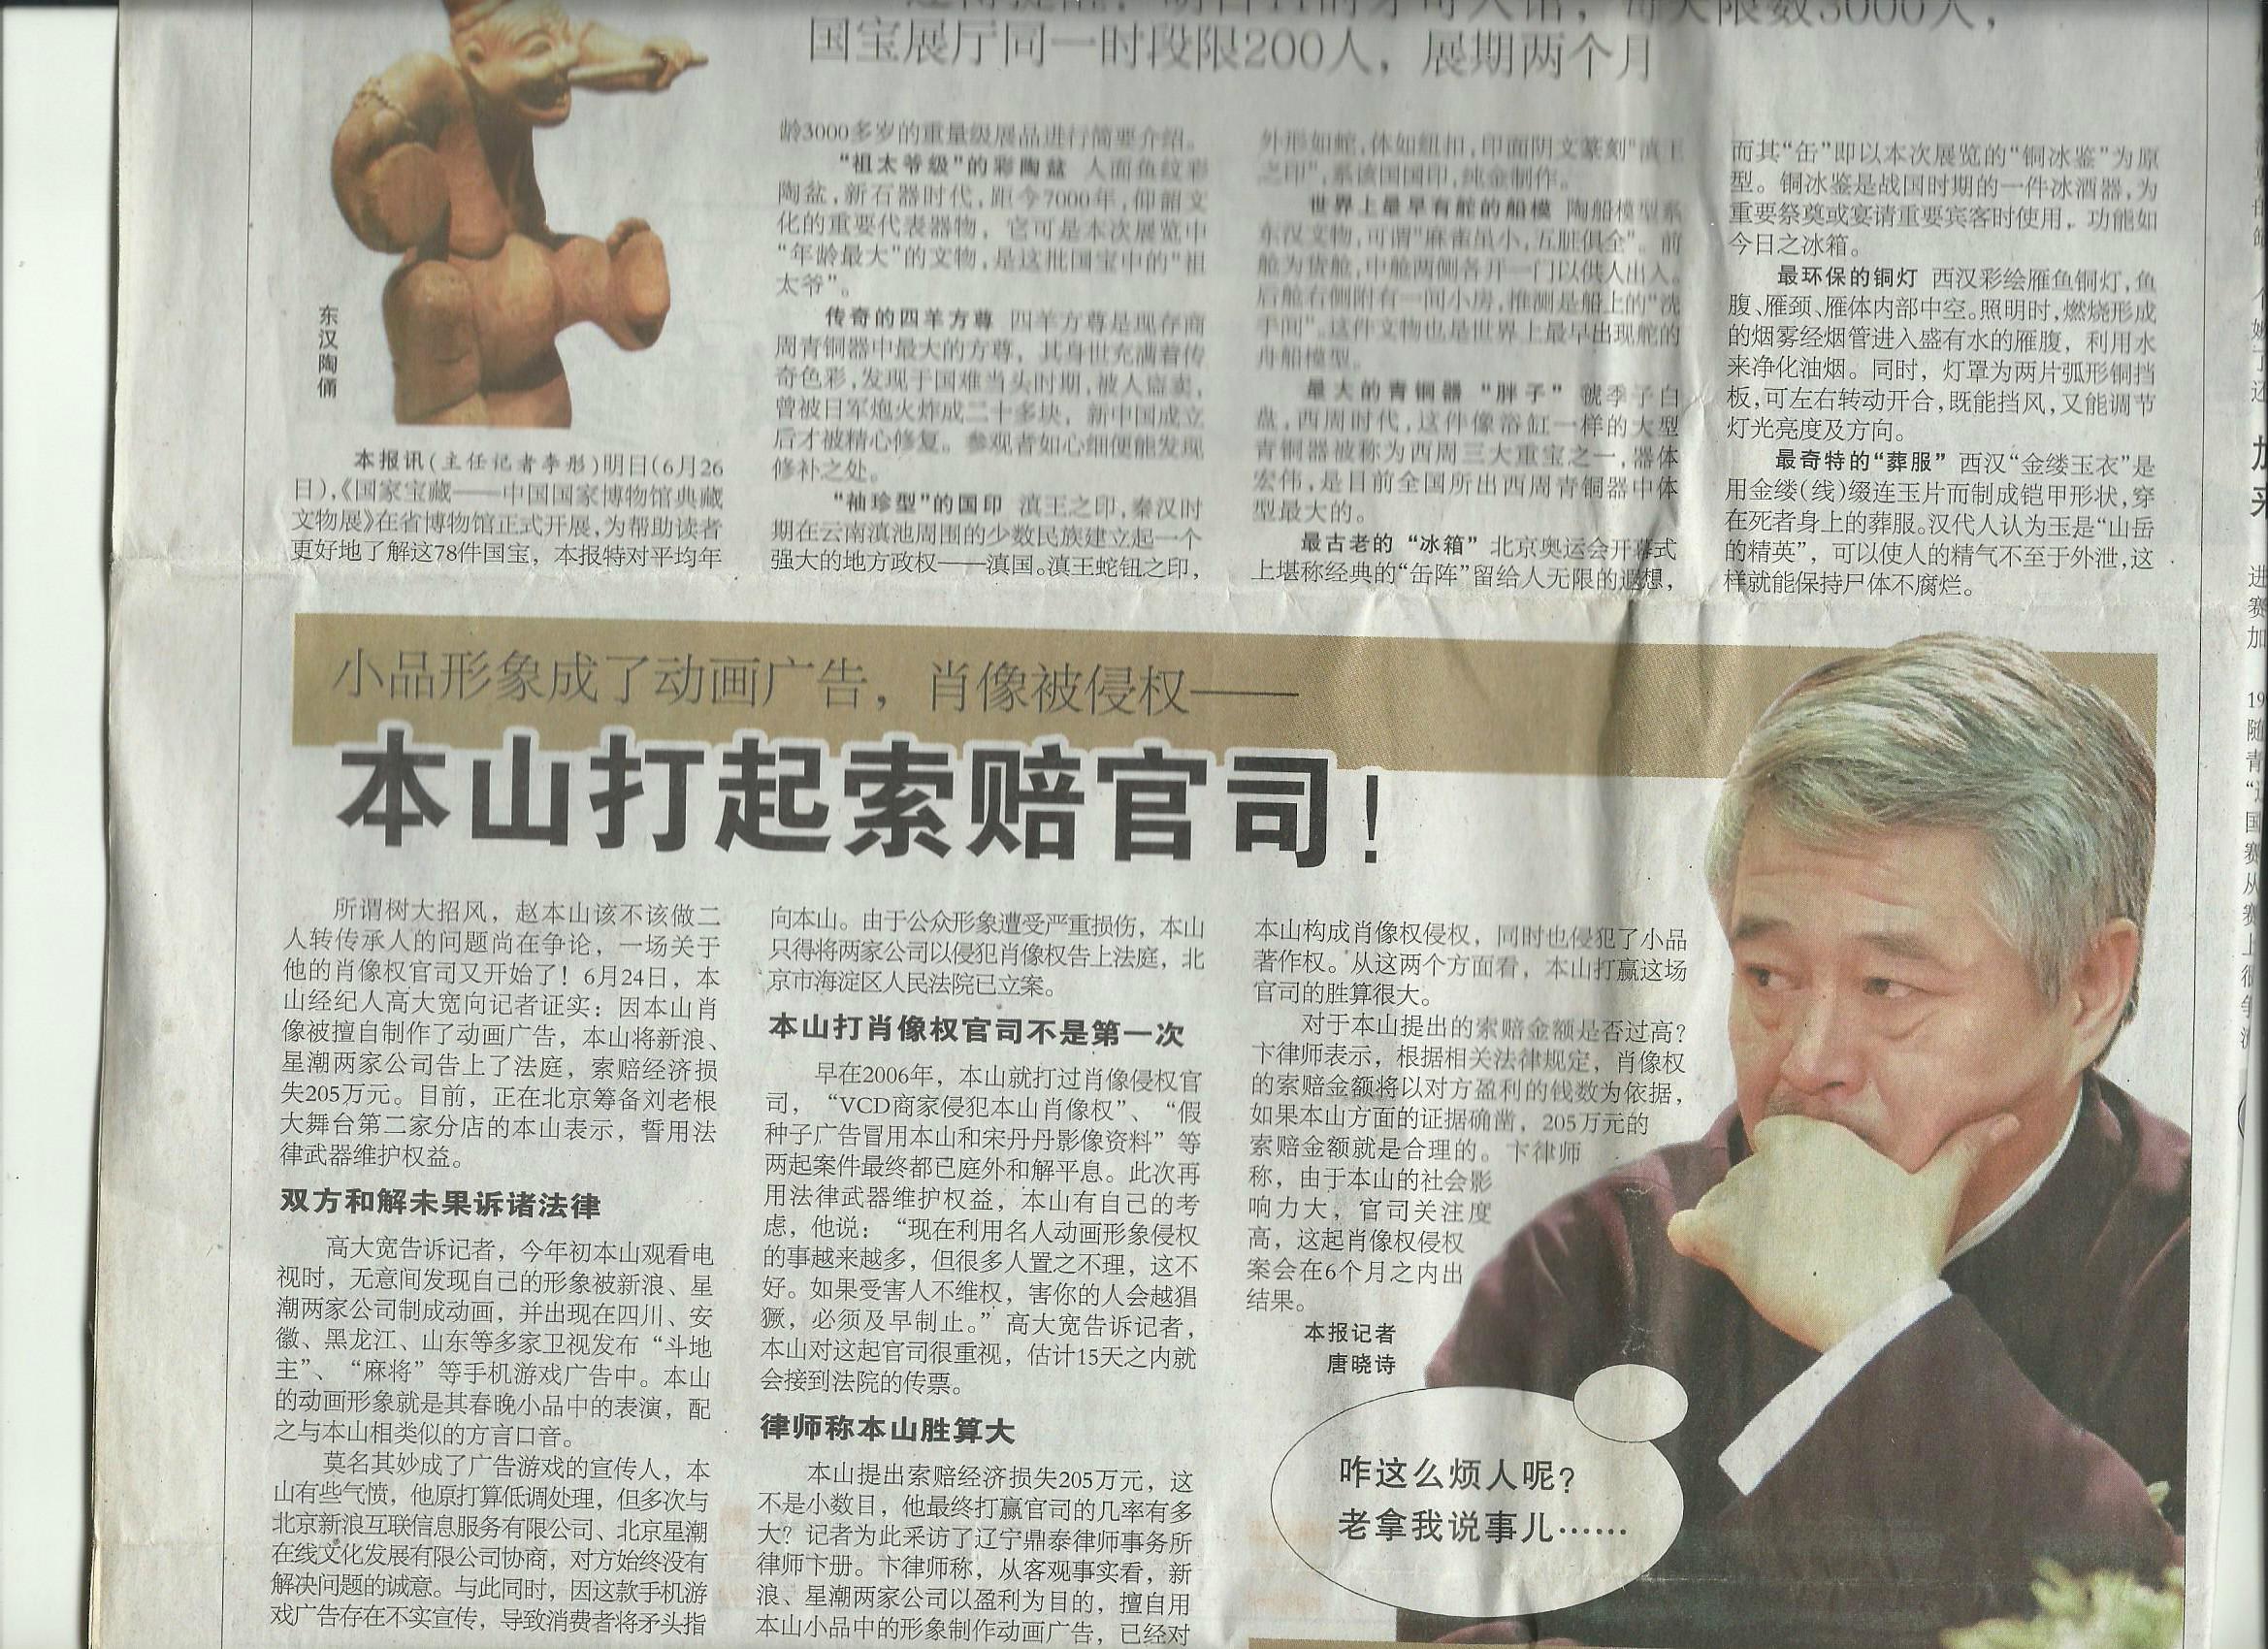 沈阳日报赵本山肖像权